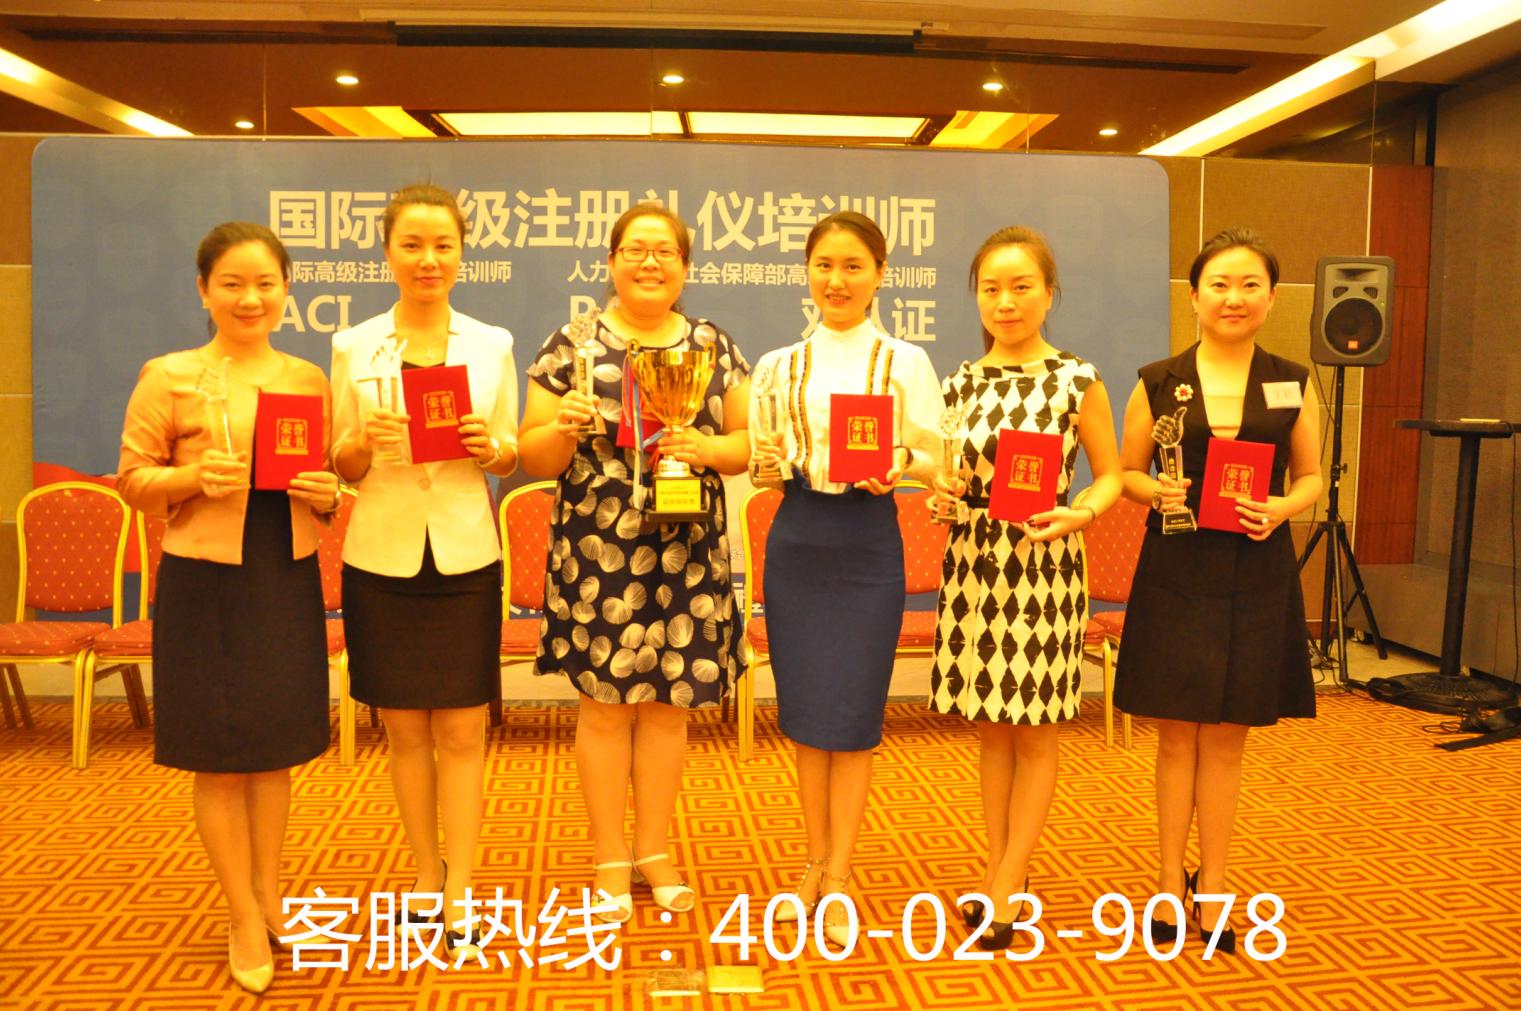 资深礼仪资格证培训 资深礼仪师培训 上海海纳川教育科技有限公司